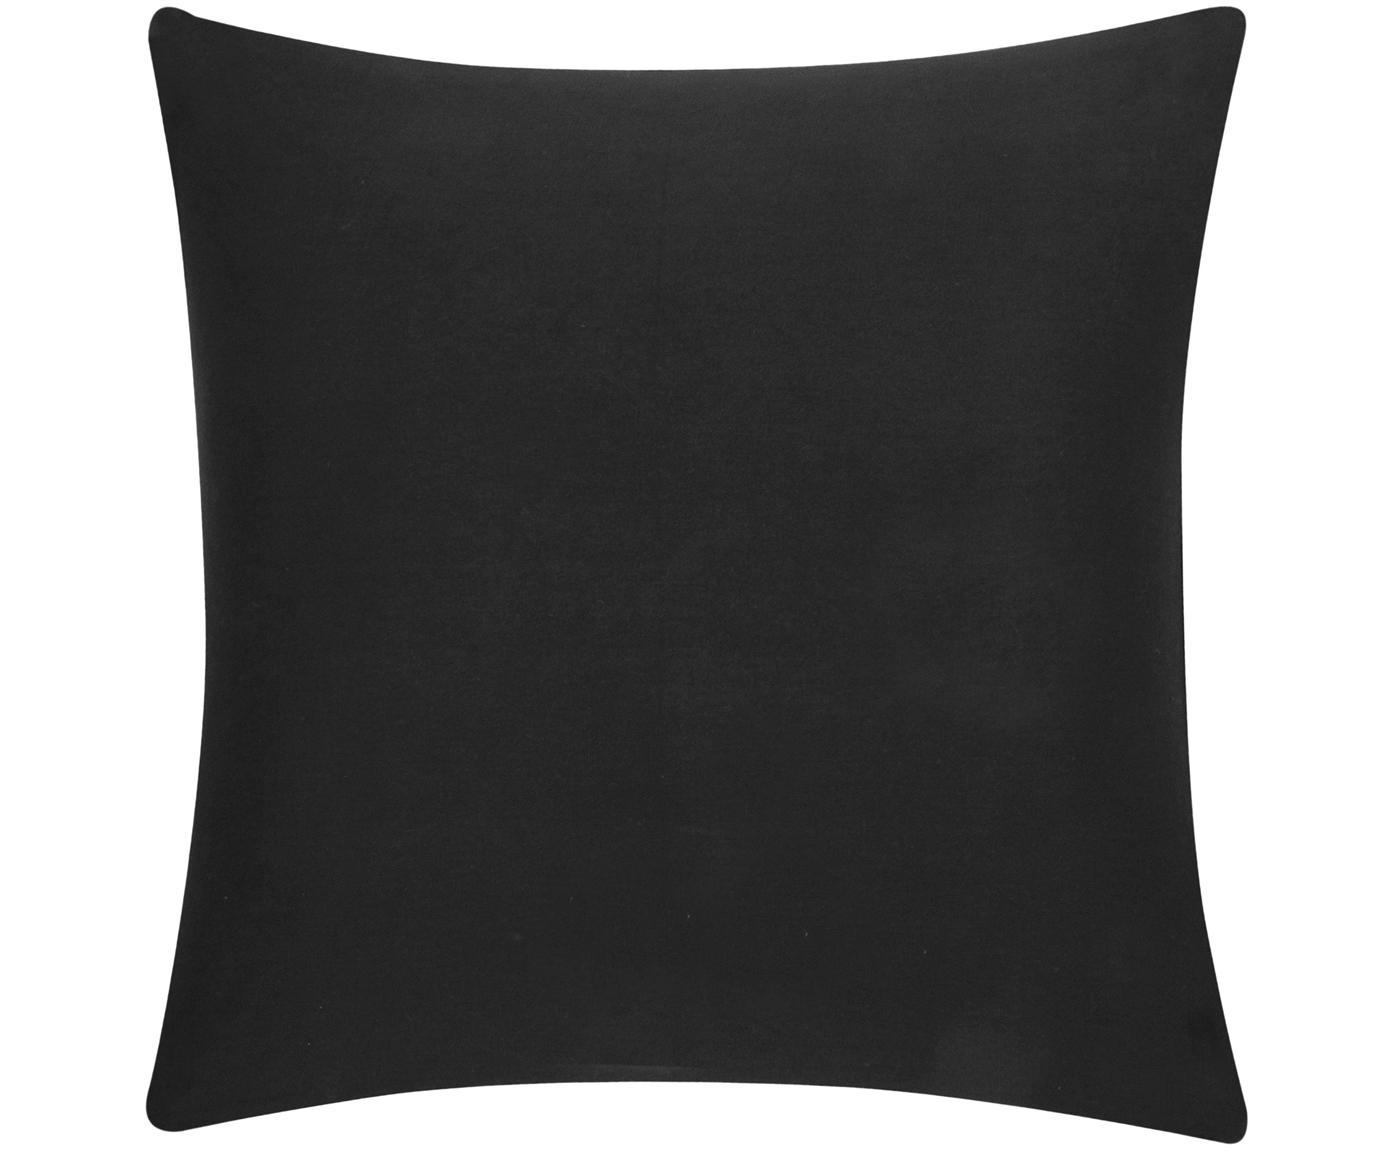 Federa arredo in cotone nero Mads, 100% cotone, Nero, Larg. 40 x Lung. 40 cm